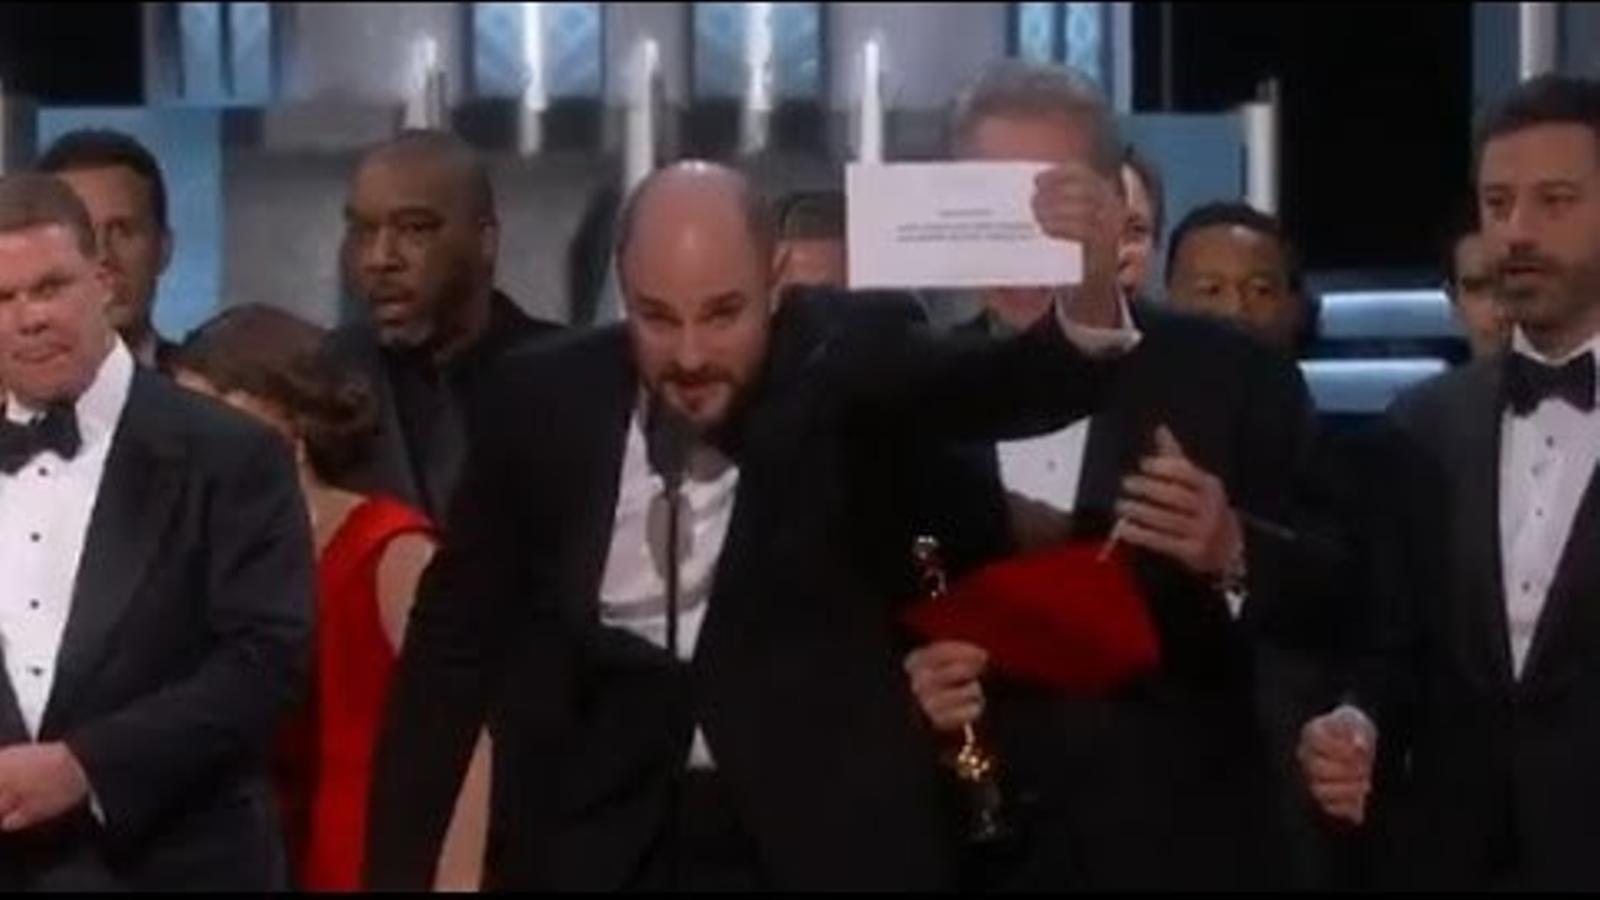 'Moonlight' guanya per sorpresa l'Oscar a millor pel·lícula després de ser atorgat per error a 'La La Land'